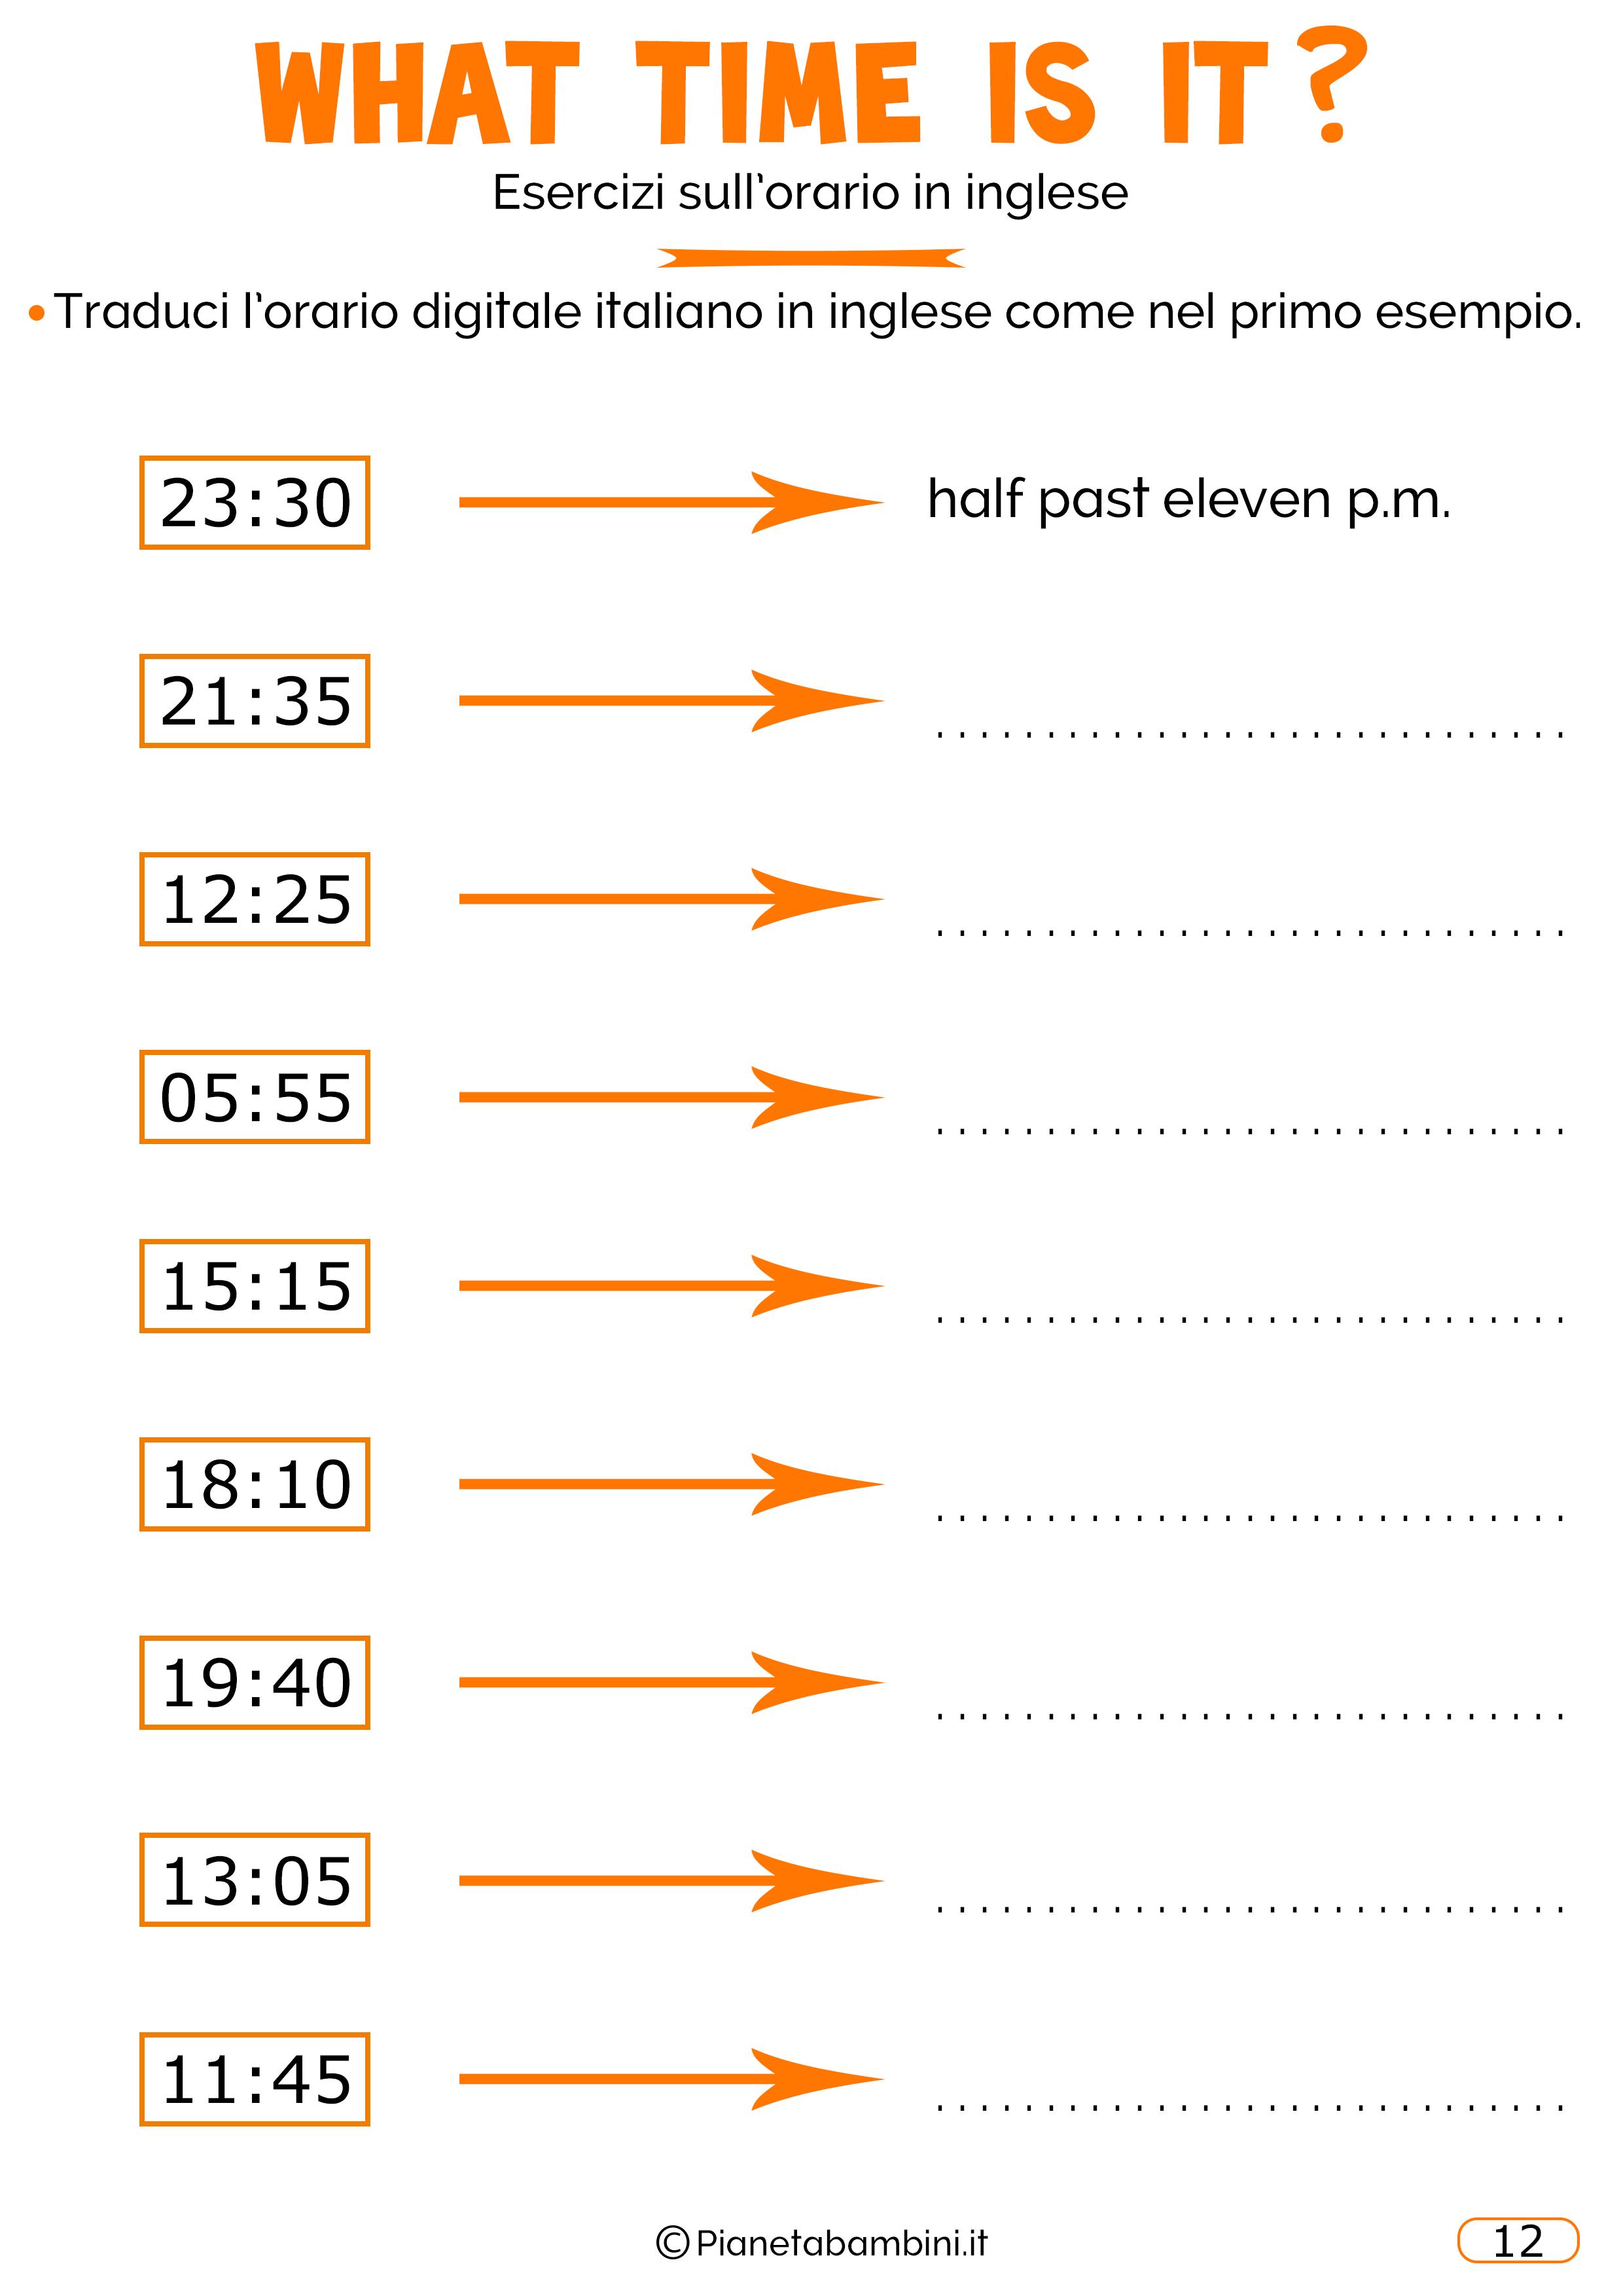 Scheda didattica sull'orario in inglese 12